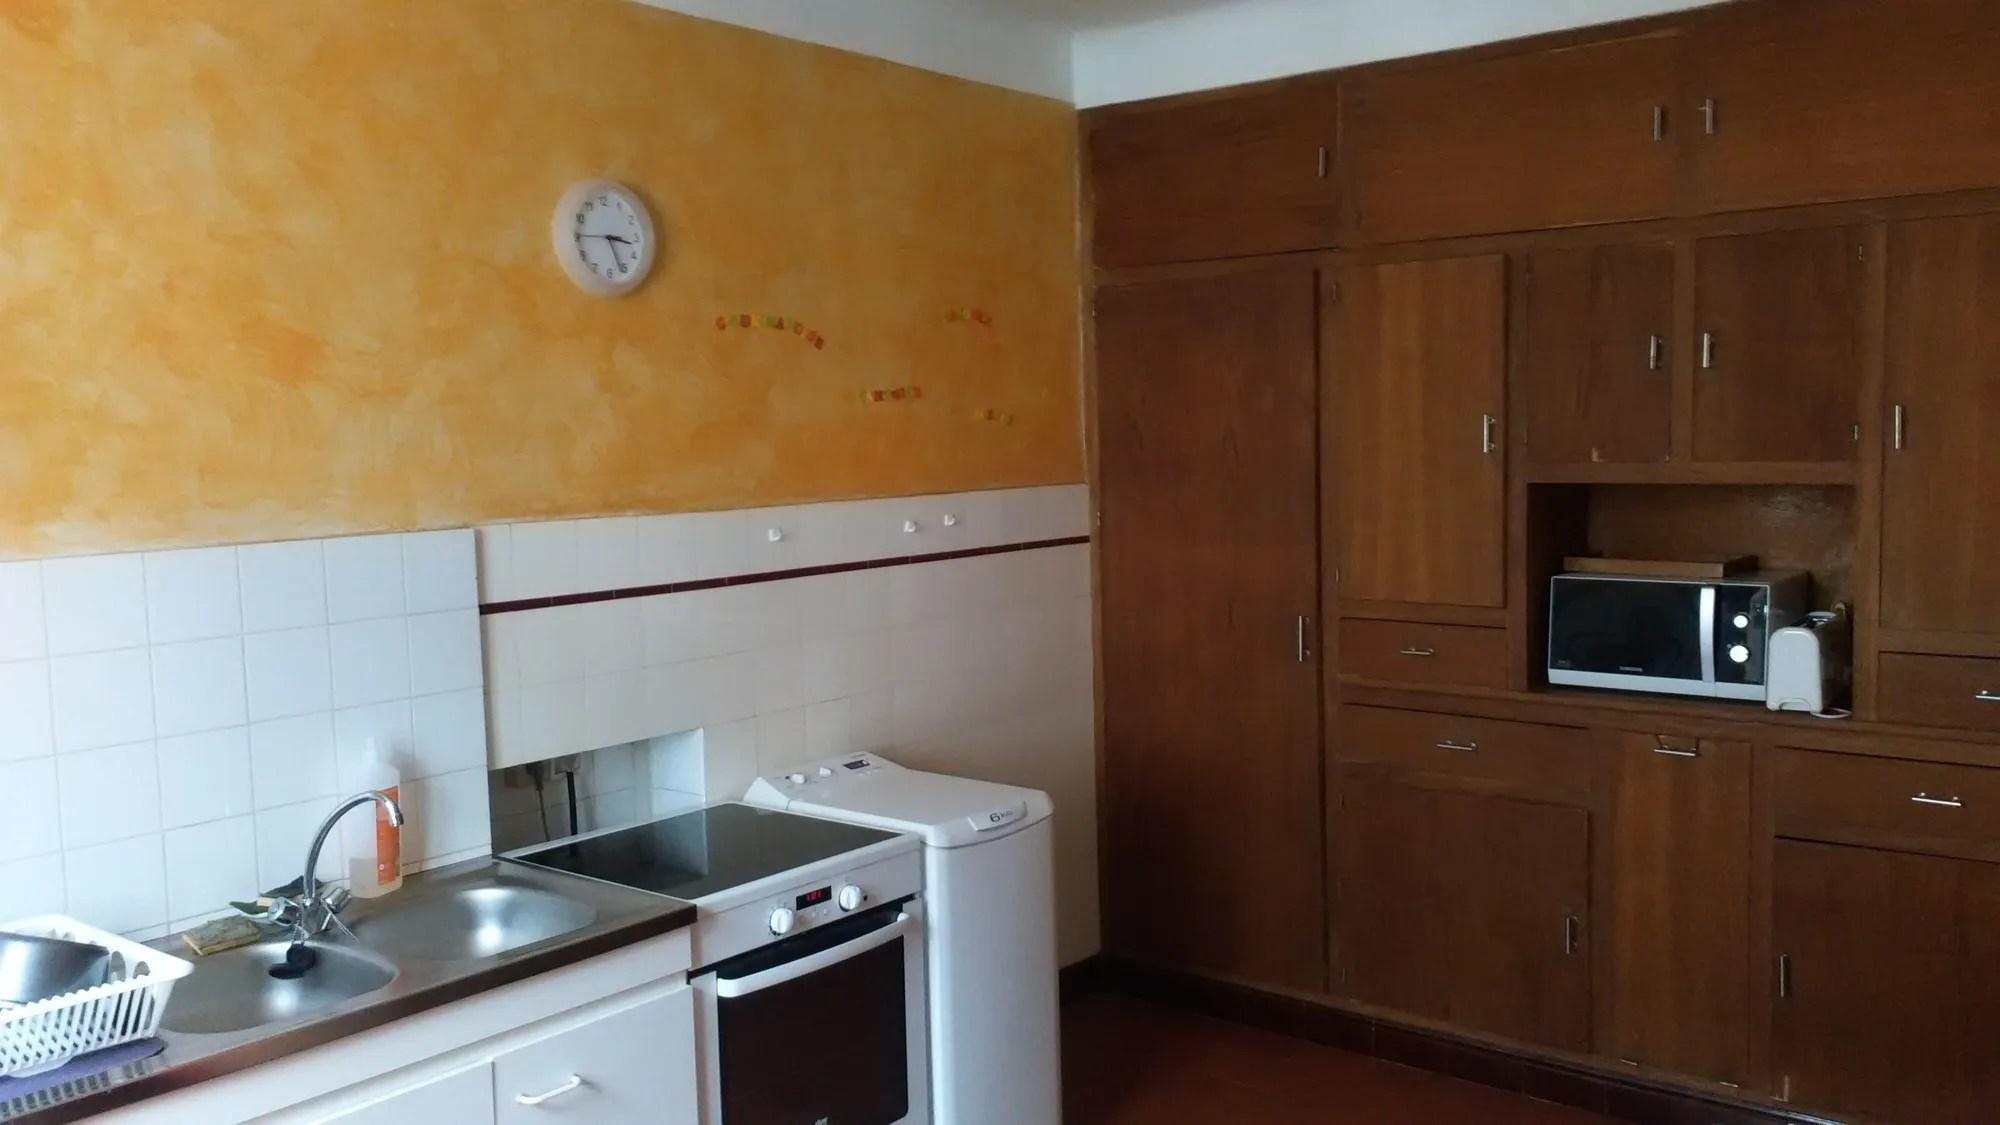 Olivier Je Cherche Des Idees Deco Couleurs Pour Ma Cuisine Ancienne Tomettes Au Sol Cote Maison